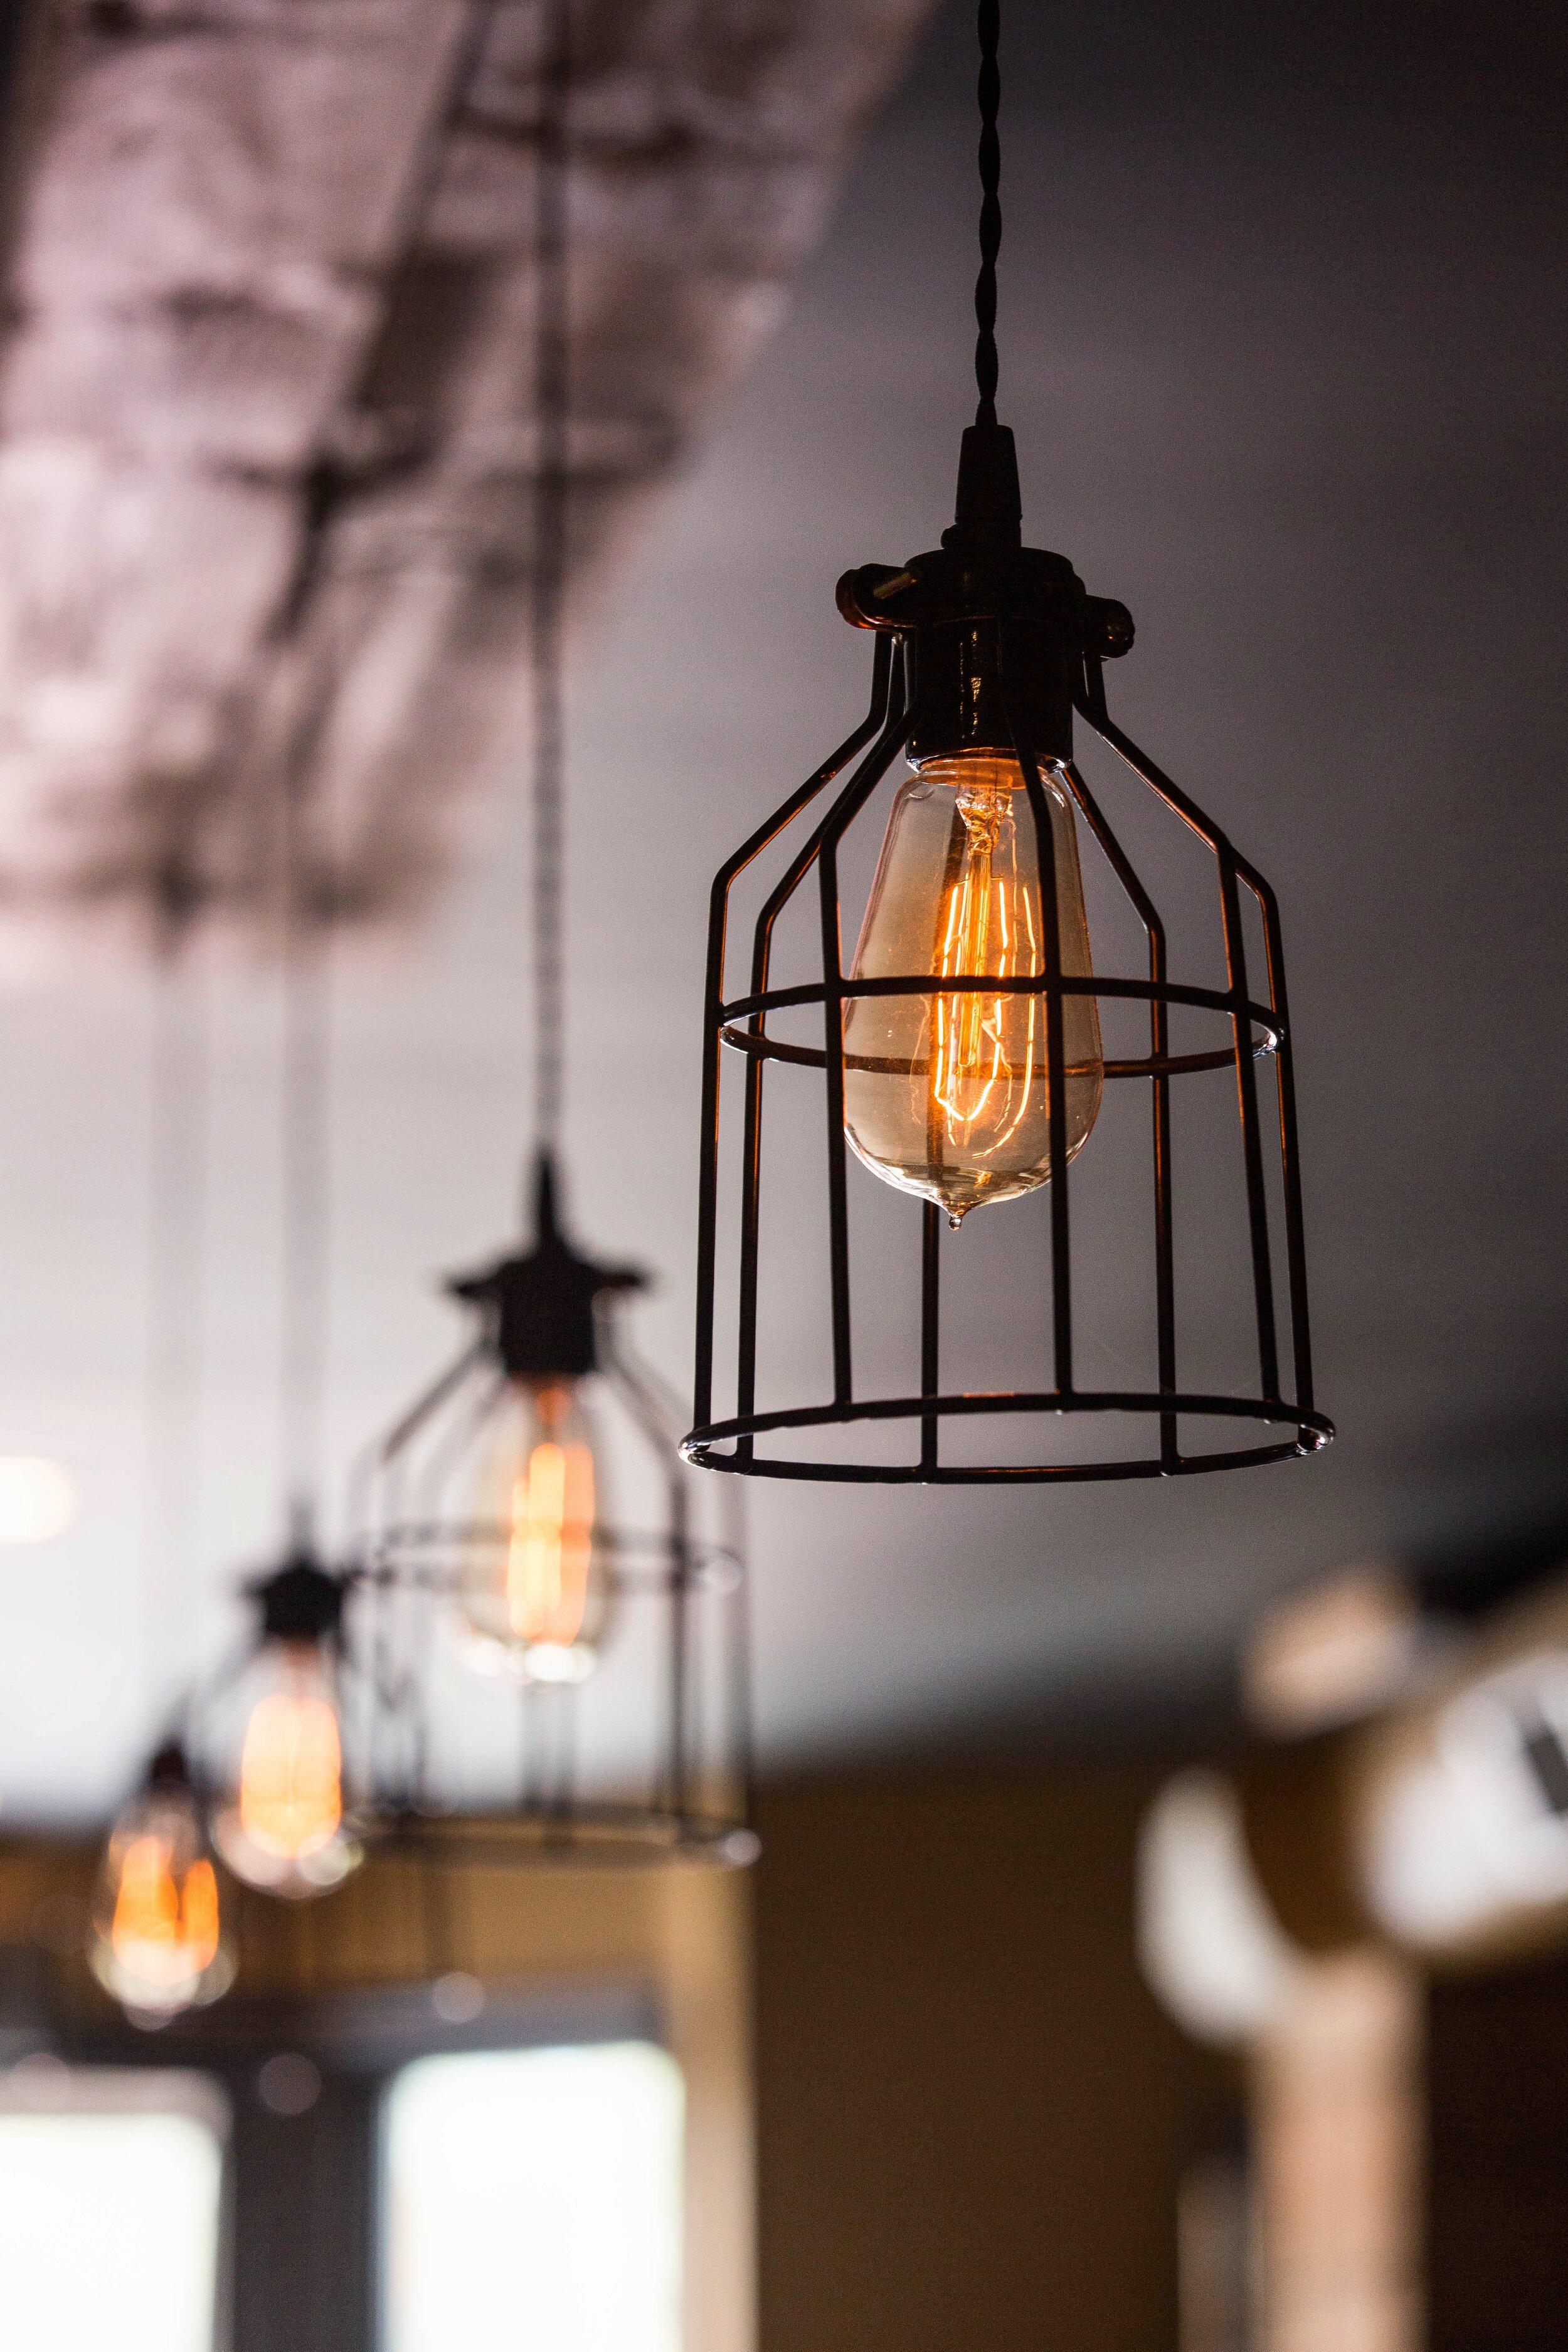 7m woodworking online rustic lighting shop